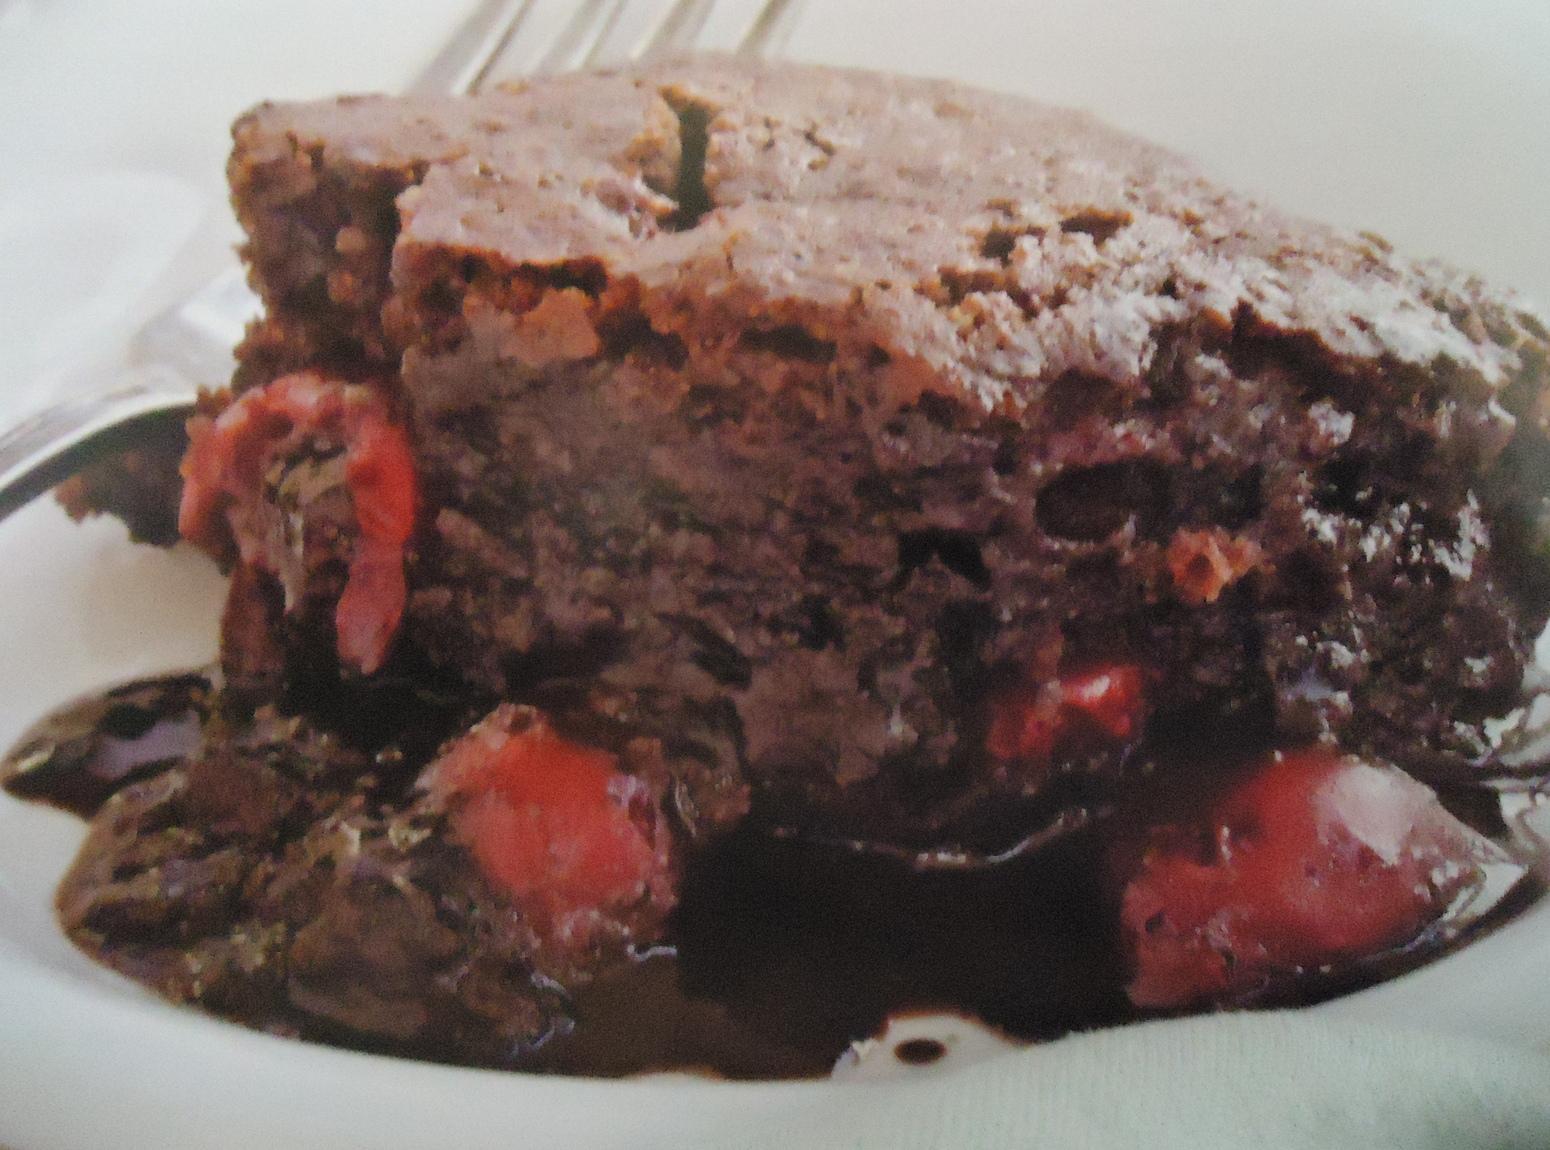 Gluten Free Chocolate Cherry Pudding Cake